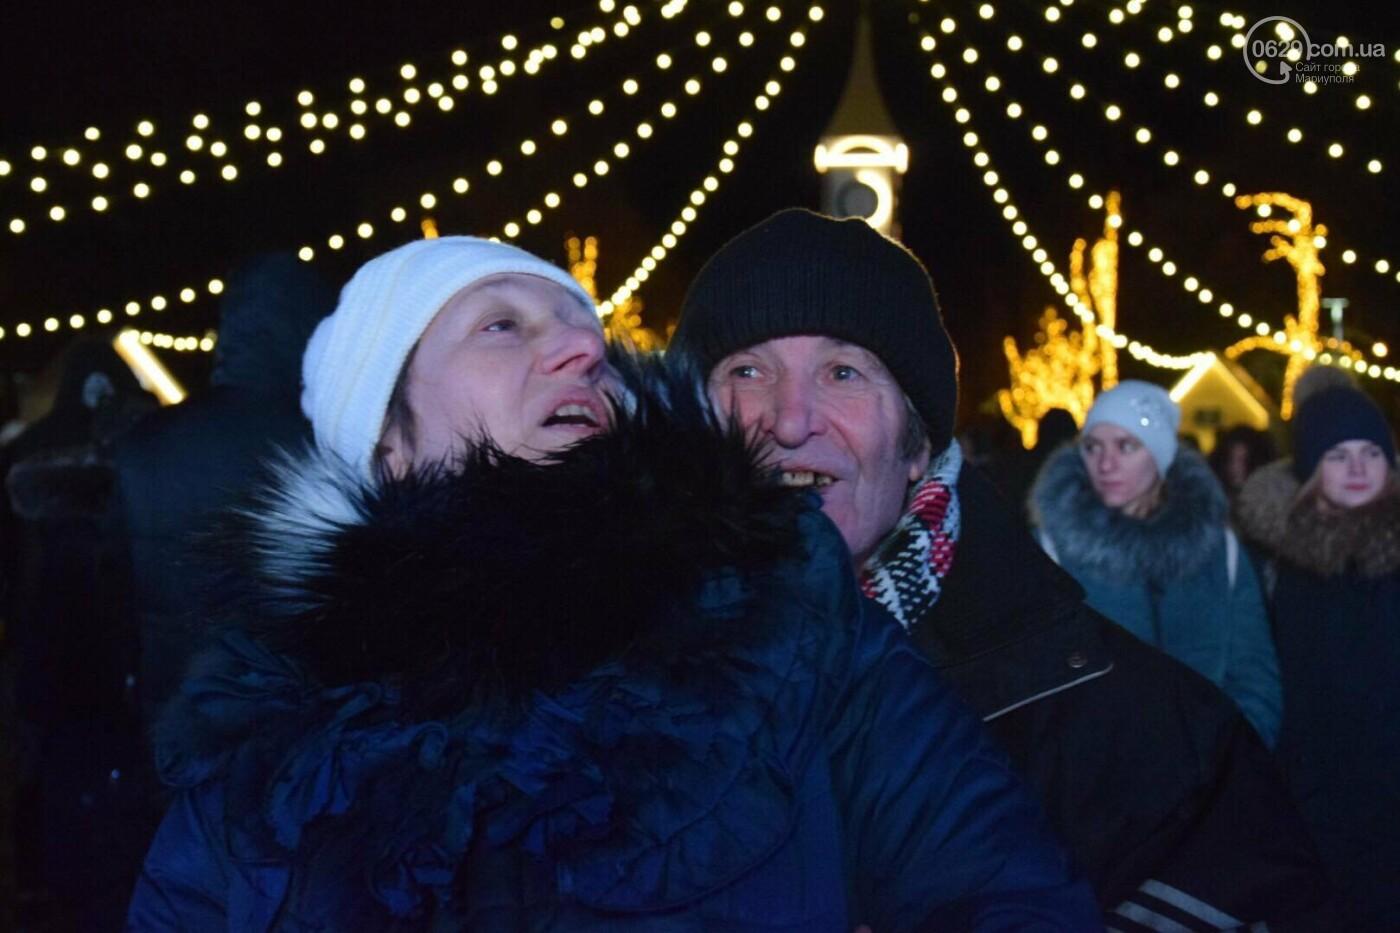 Мариупольцы отметили католическое Рождество, - ФОТО, ВИДЕО, фото-18